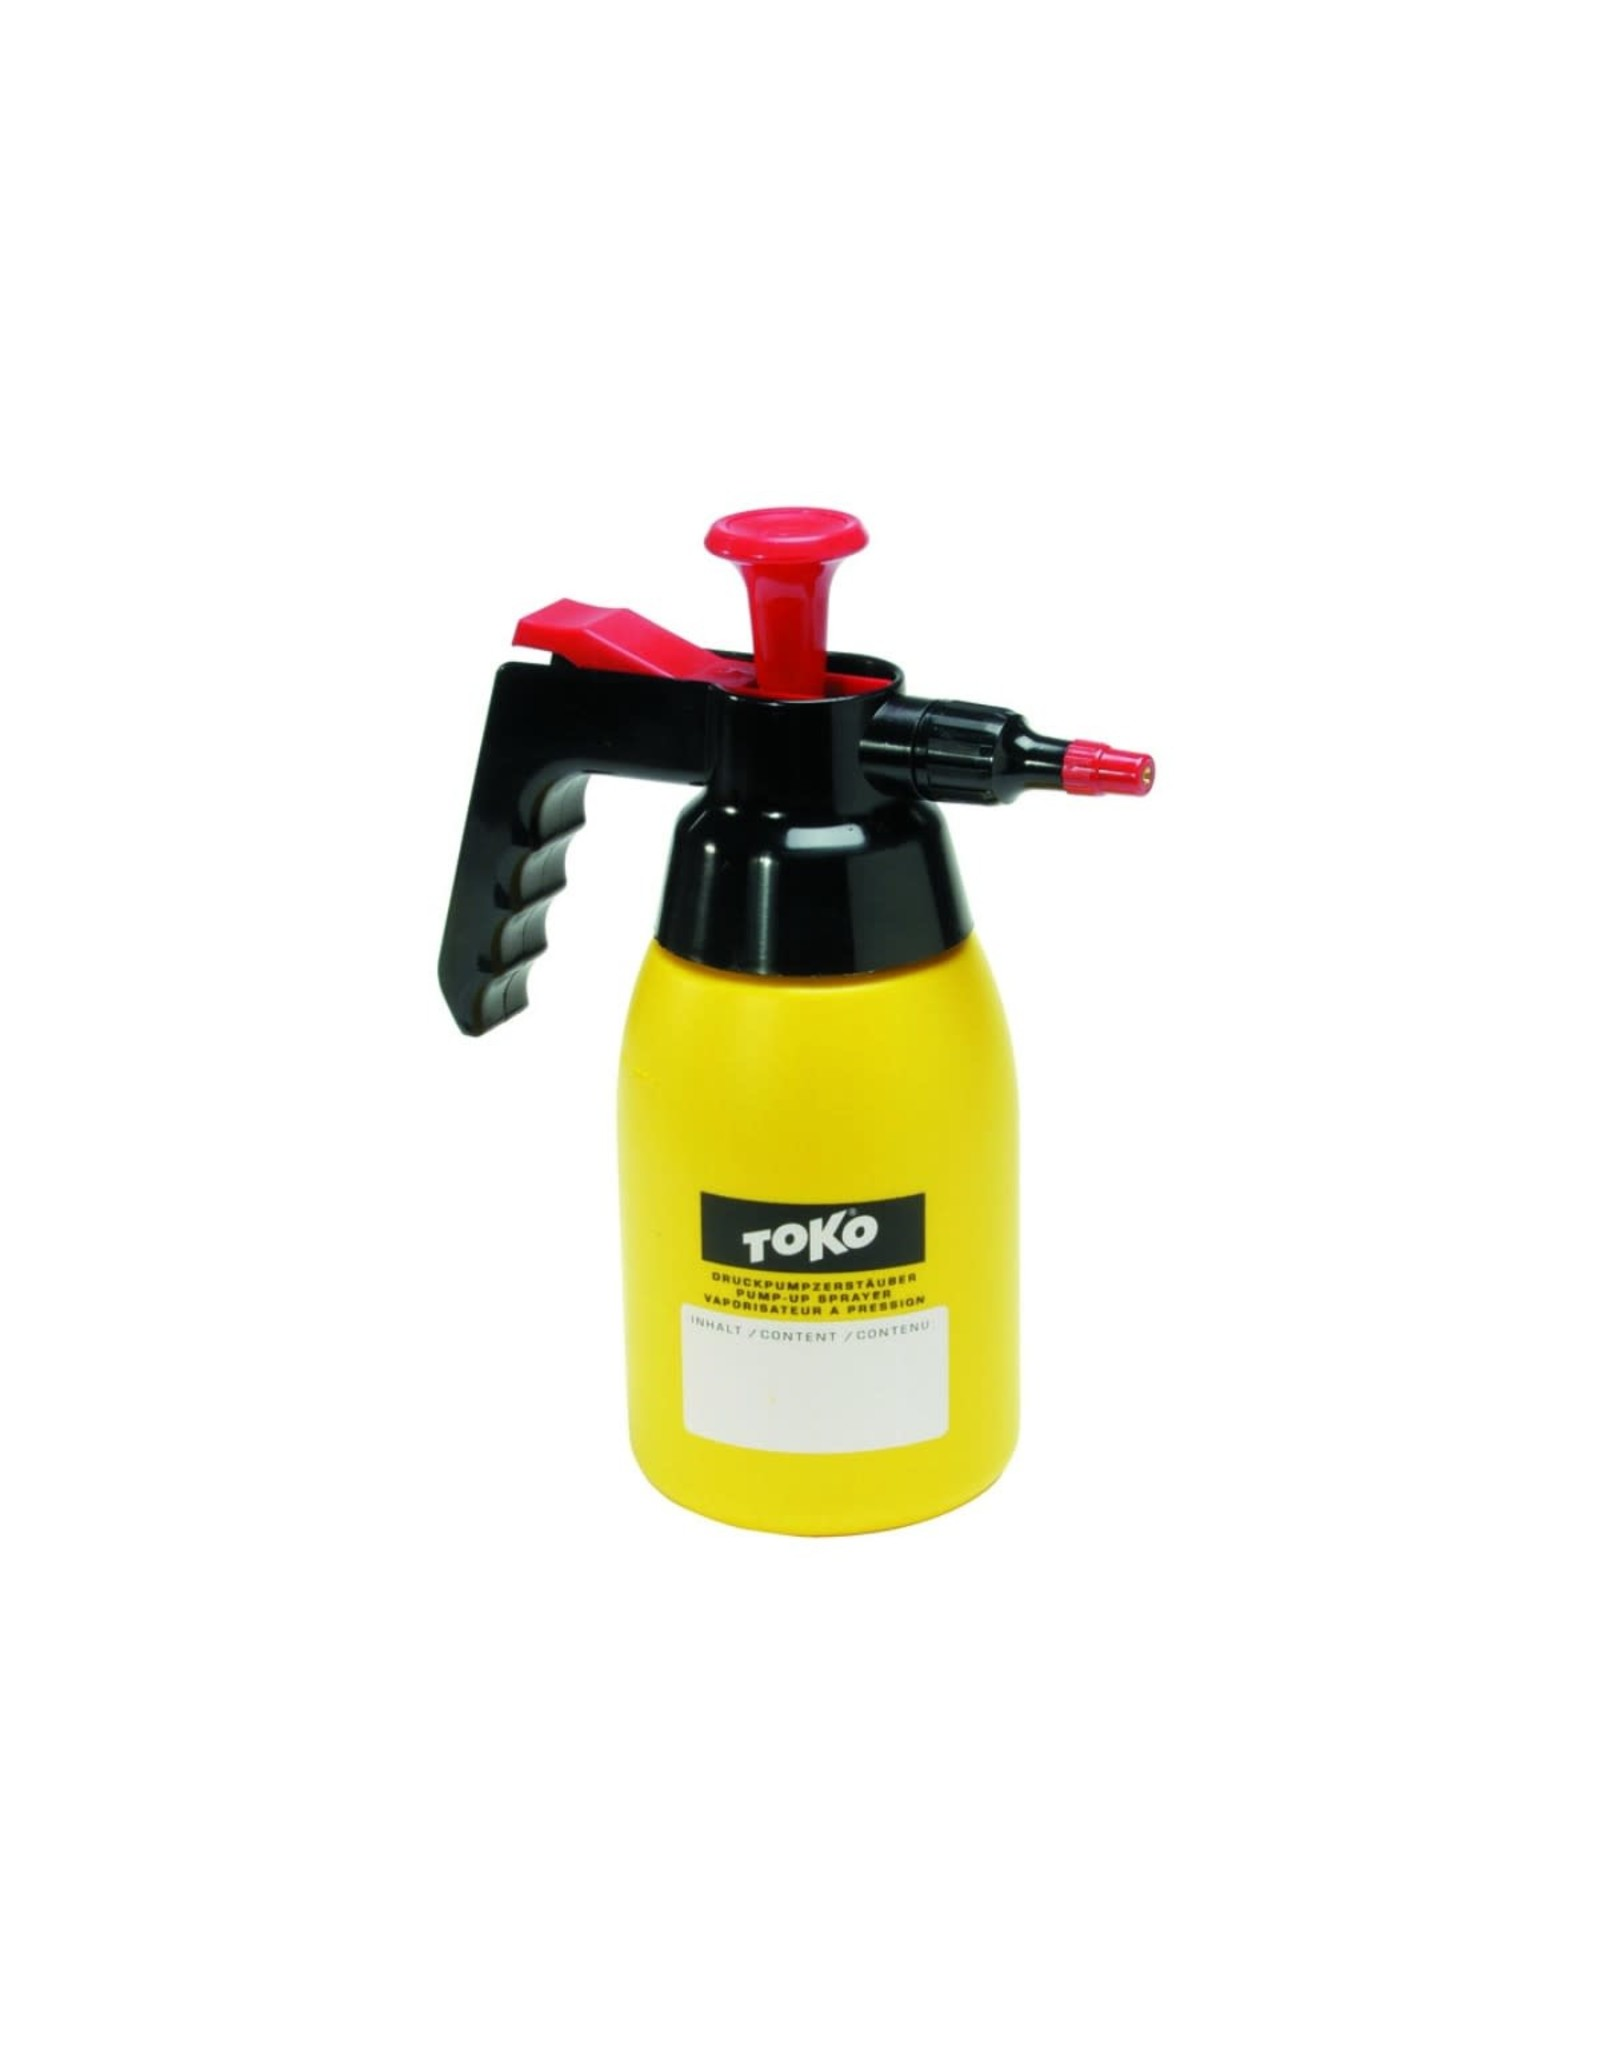 Toko Toko Pump-Up Sprayer